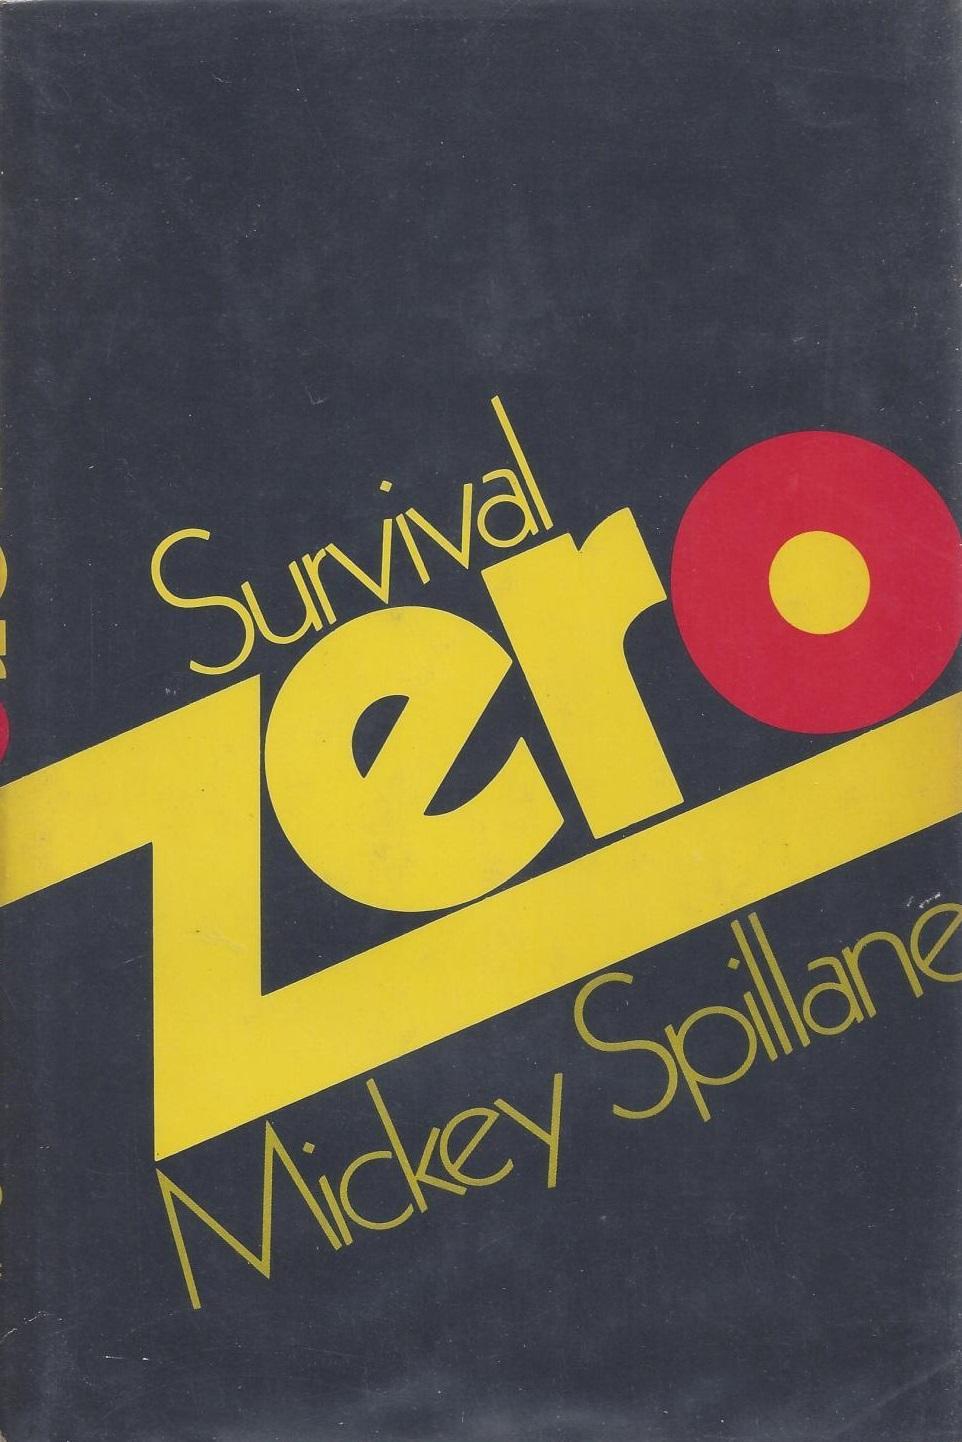 Микки Спиллейн — Шанс выжить — ноль (1970)